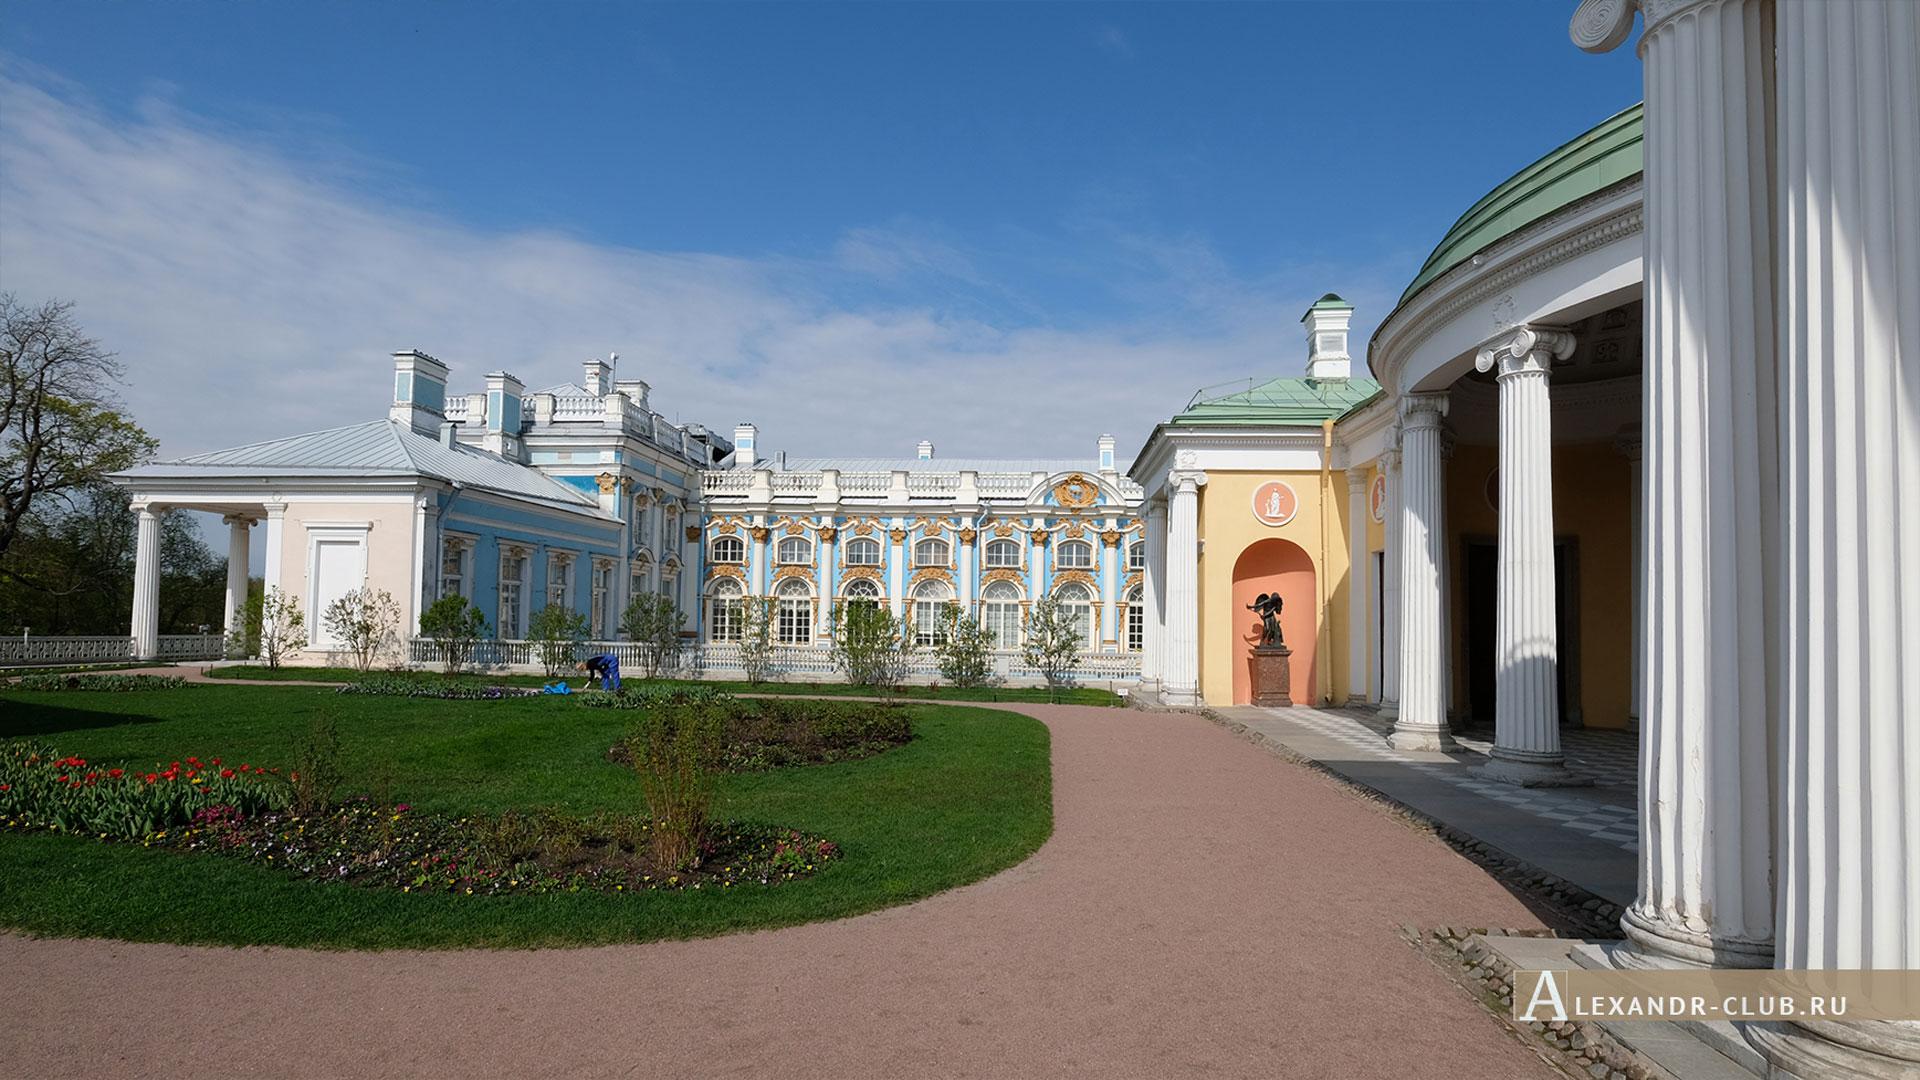 Царское Село, весна, Екатерининский дворец, павильон «Холодная баня с Агатовыми комнатами»